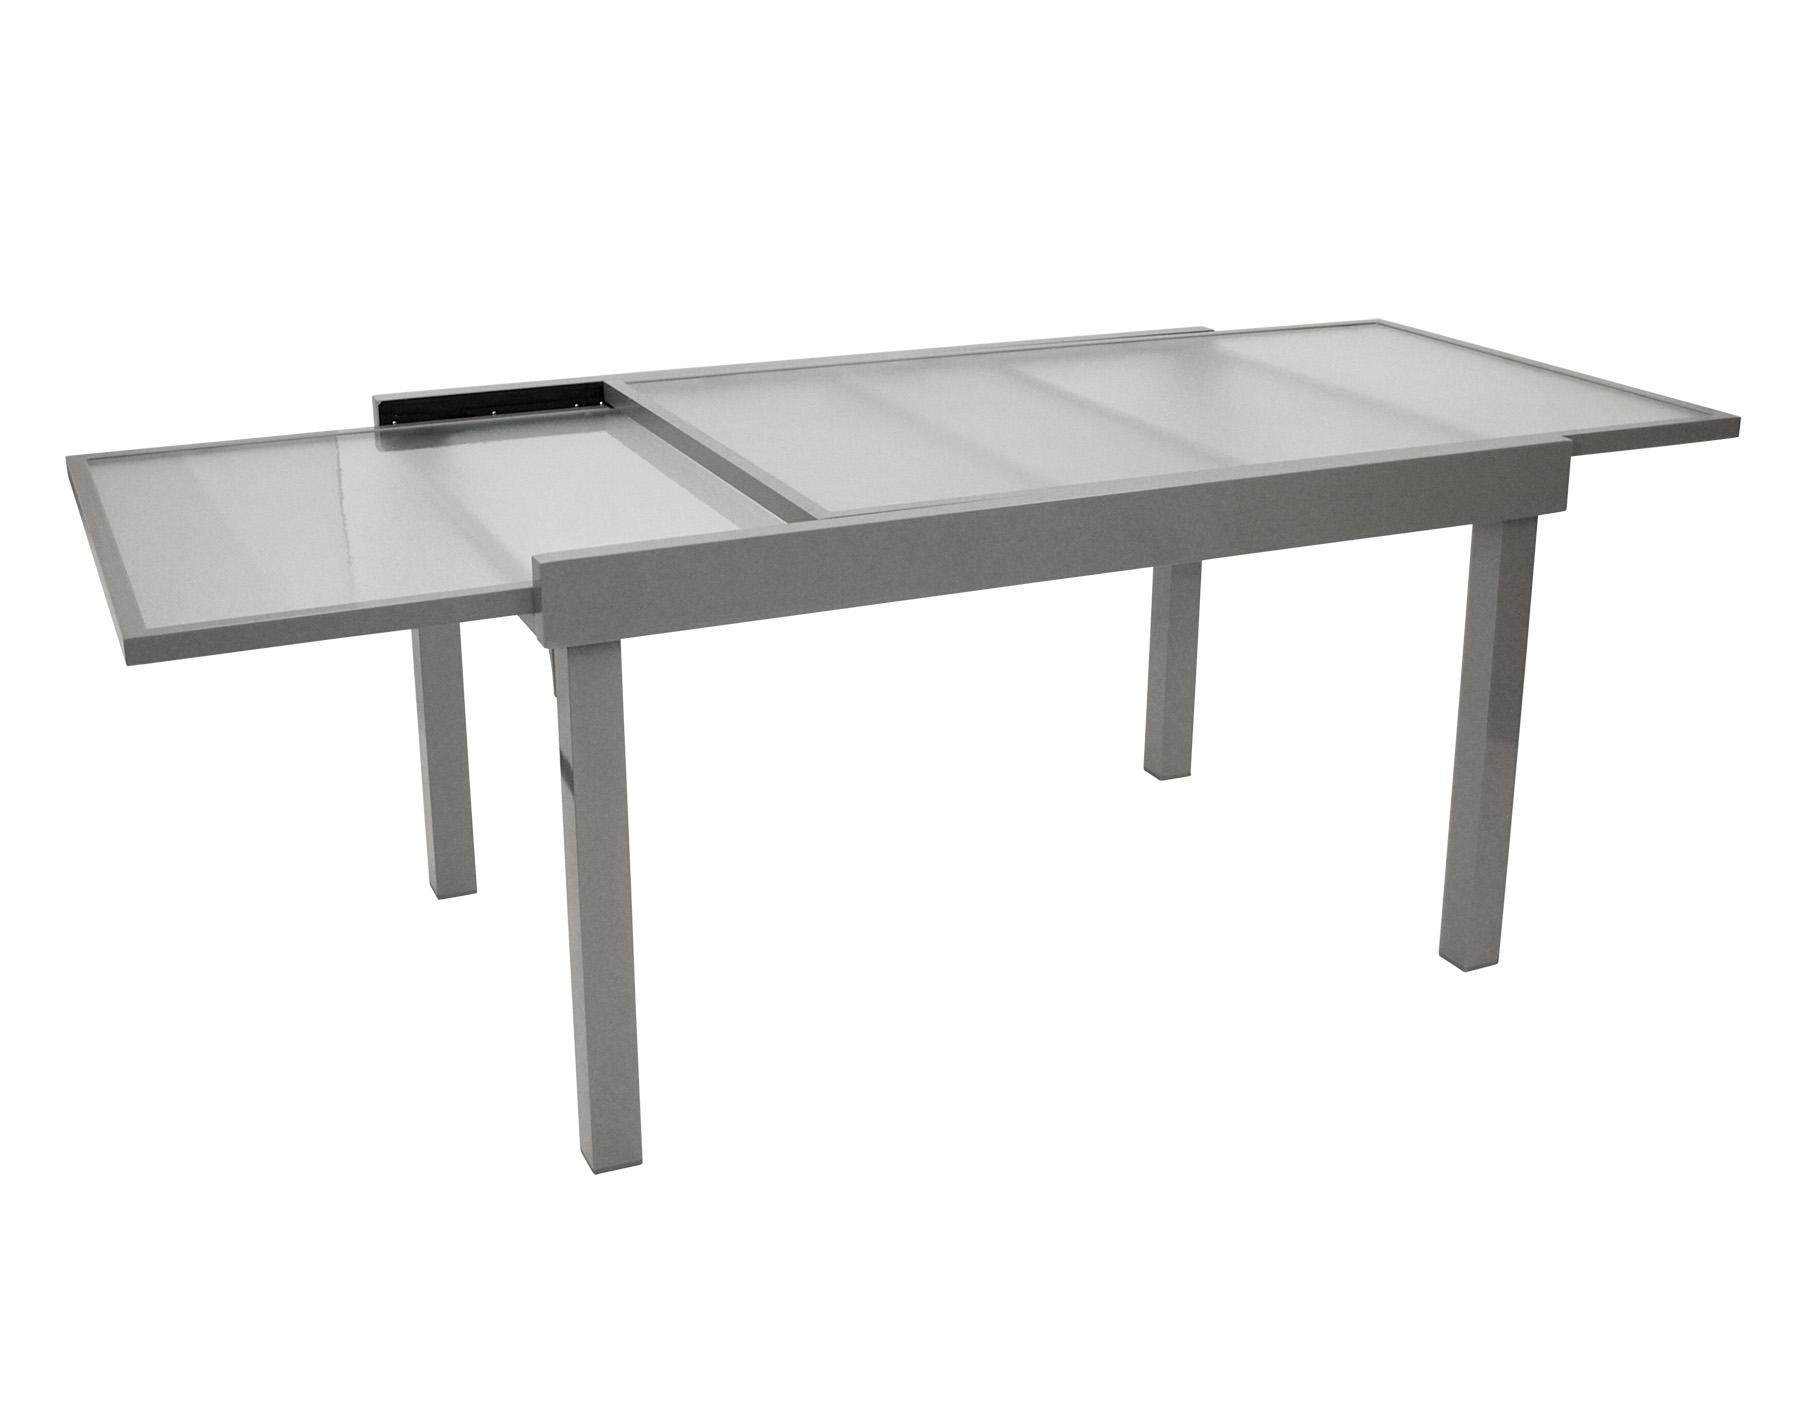 Ausziehtisch AMALFI 135/270x90cm, Aluminium + Glas